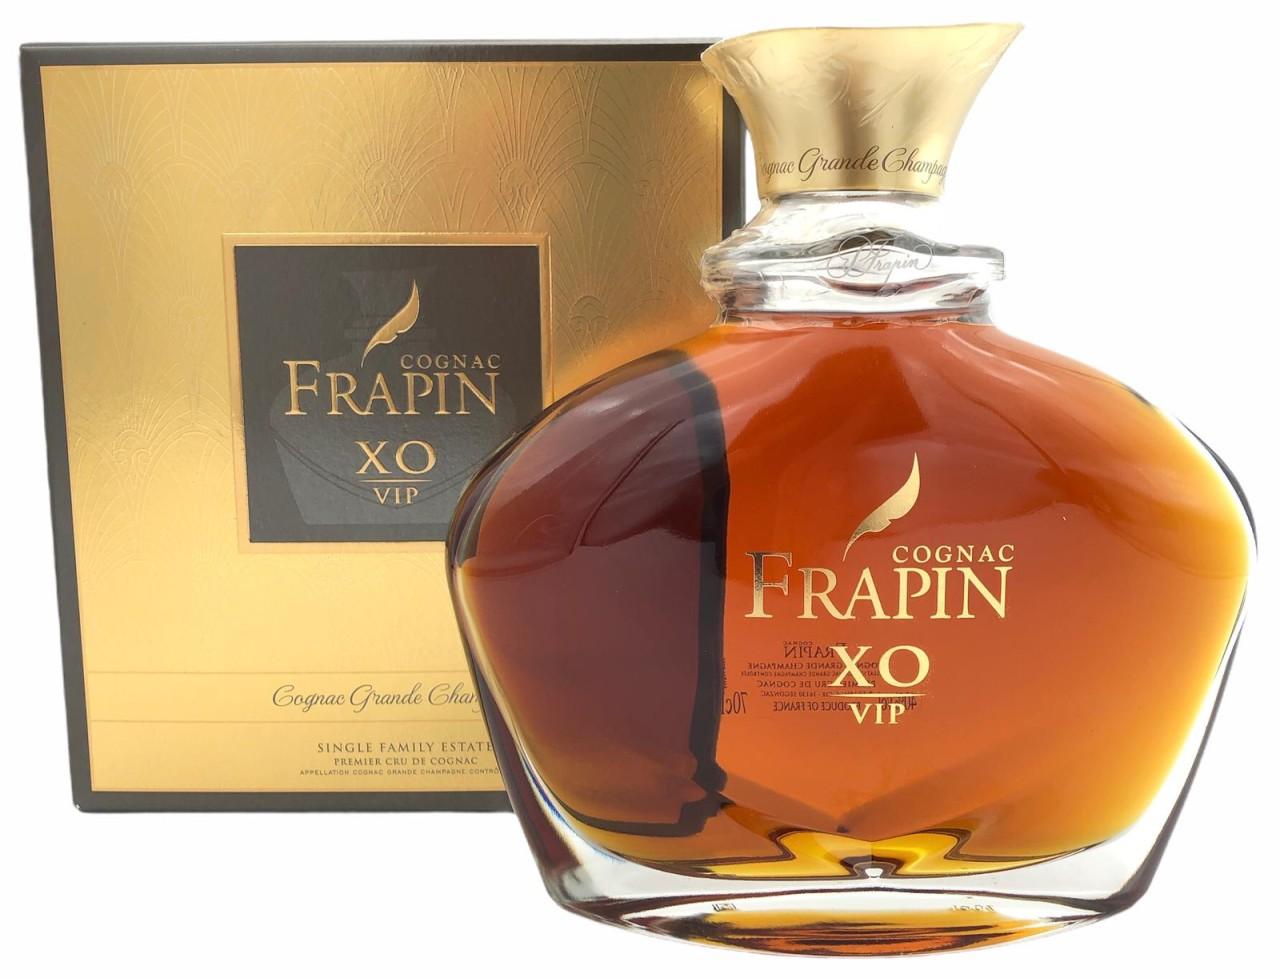 Cognac Frapin V.I.P XO 40% vol. 0,7l